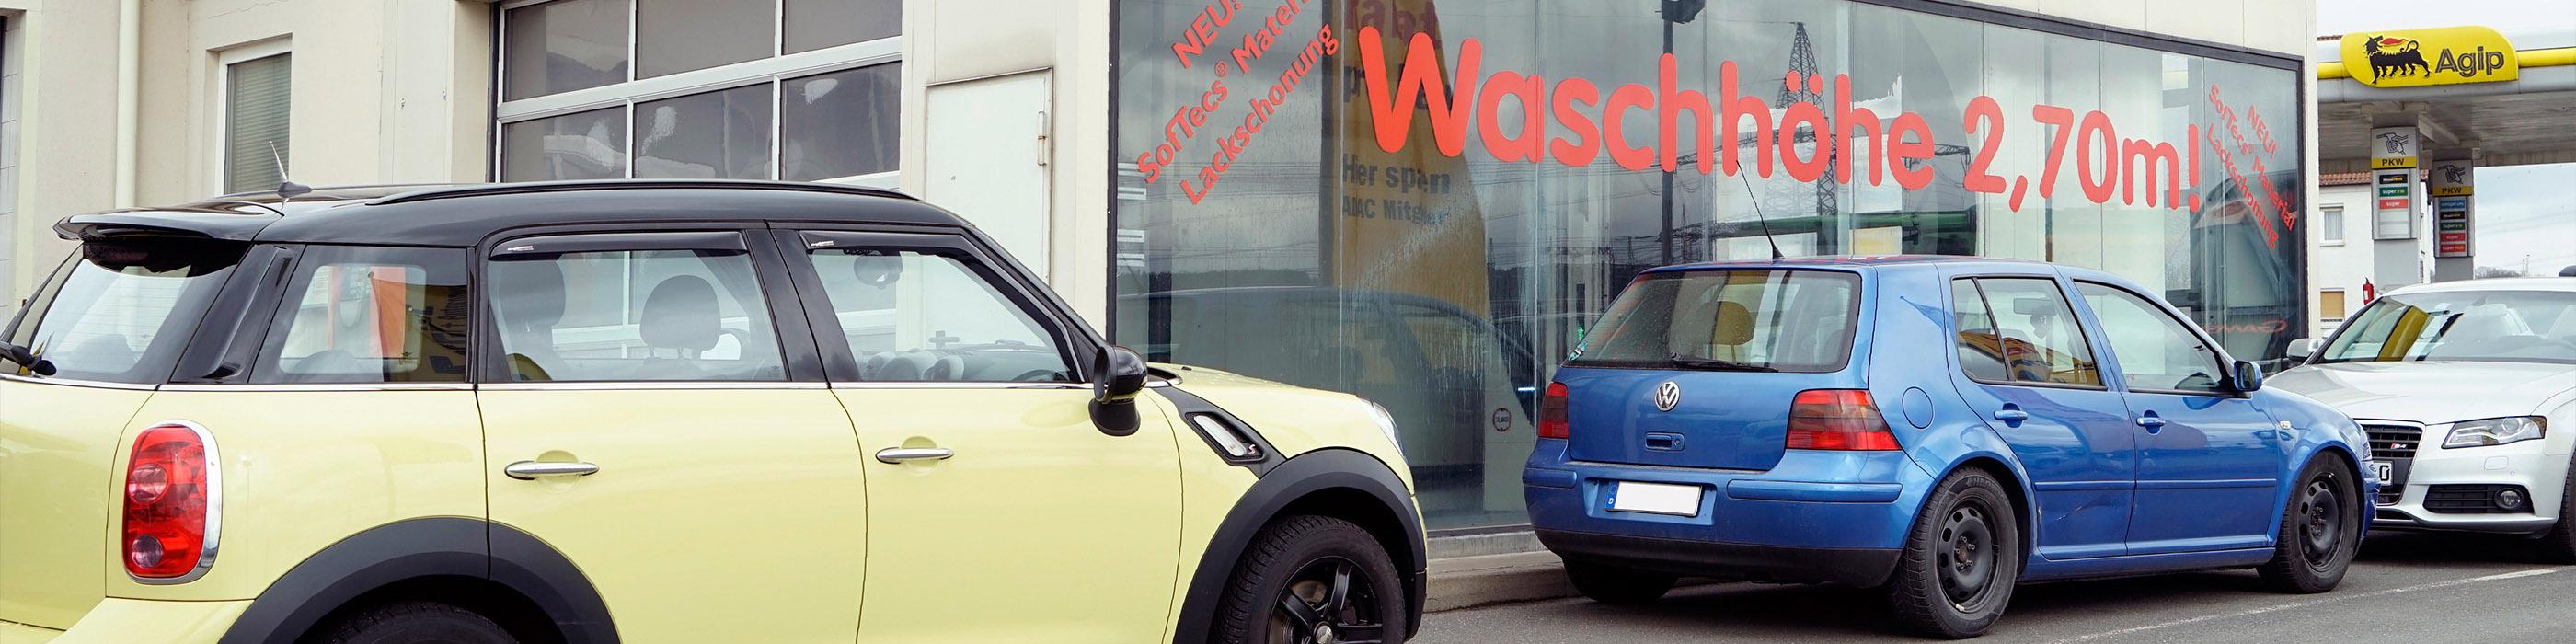 Autohaus Leikeim Marktzeuln Agip Tankstelle Waschanlage - Front